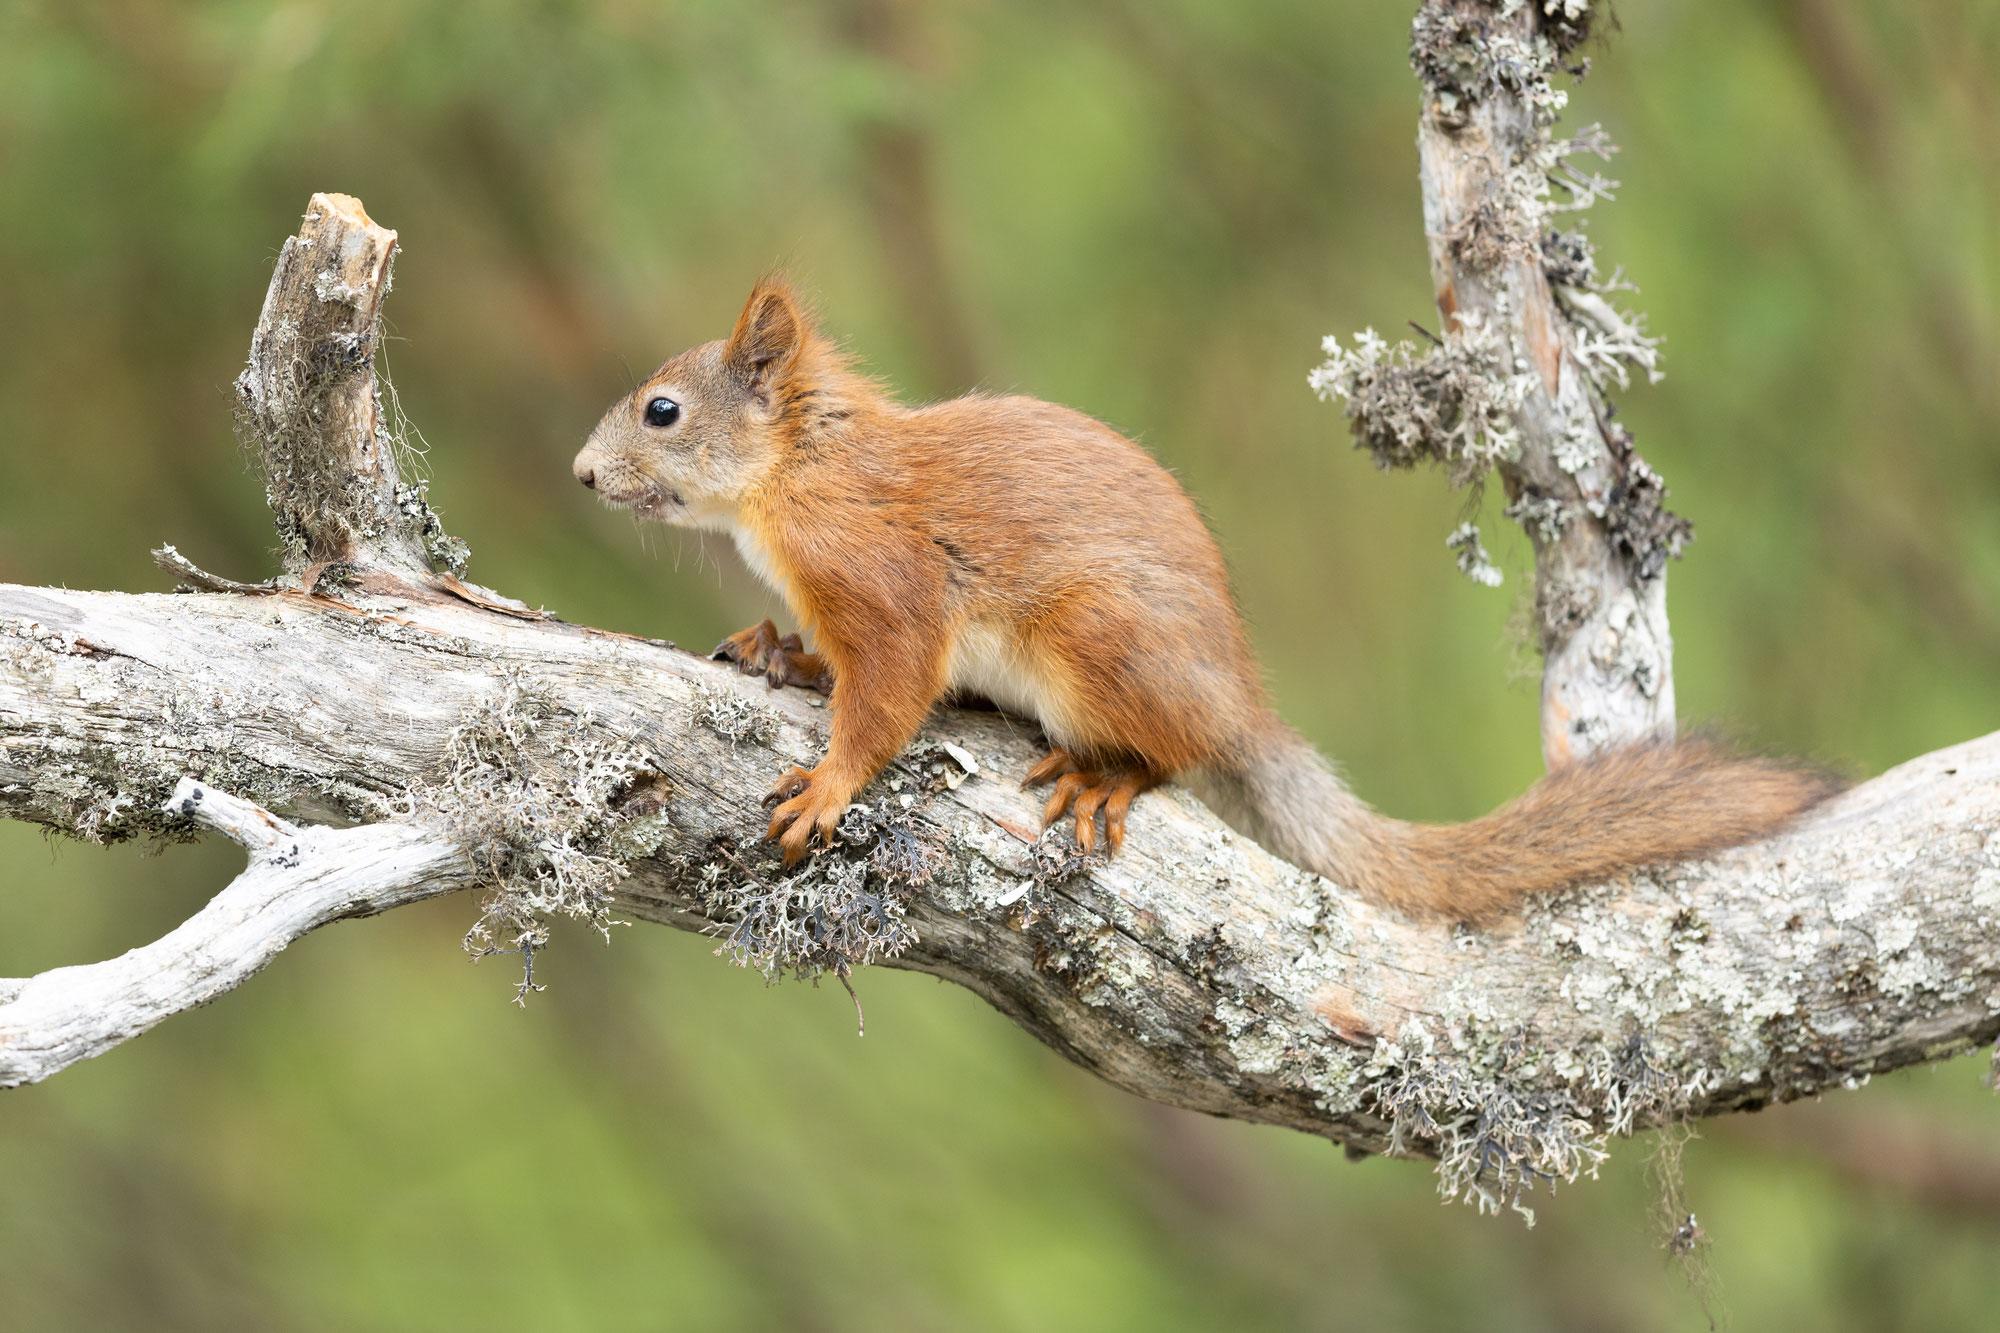 Finnlands wilde Tiere - Finnish wildlife